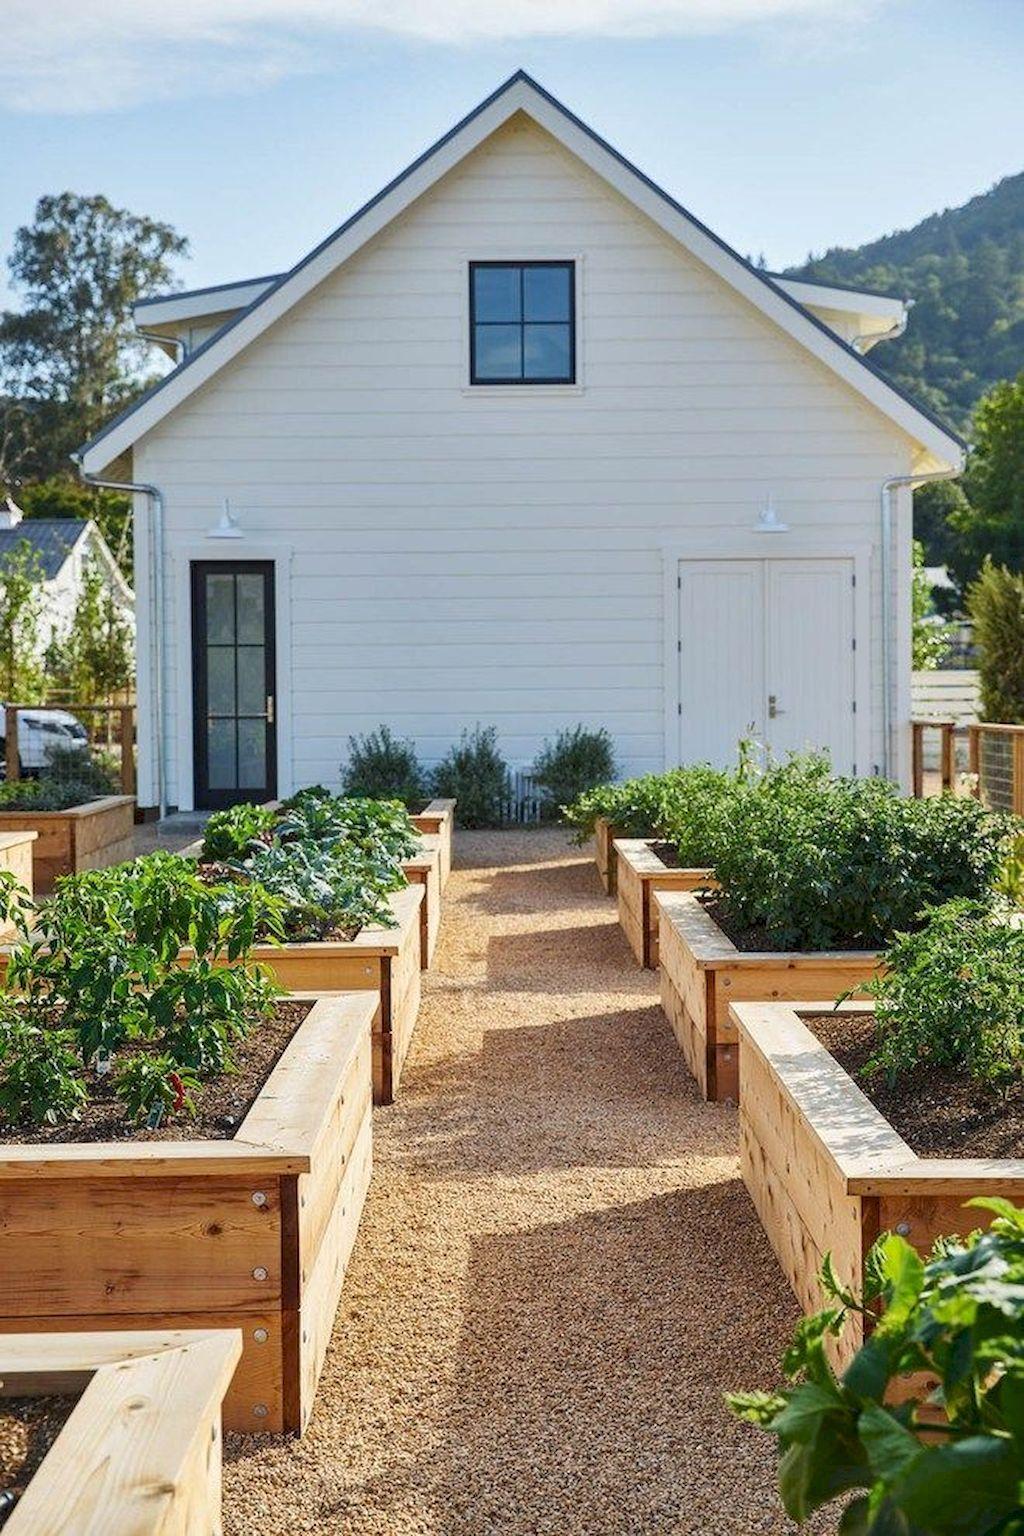 55 DIY Raised Garden Bed Plans & Ideas You Can Build – HomeSpecially